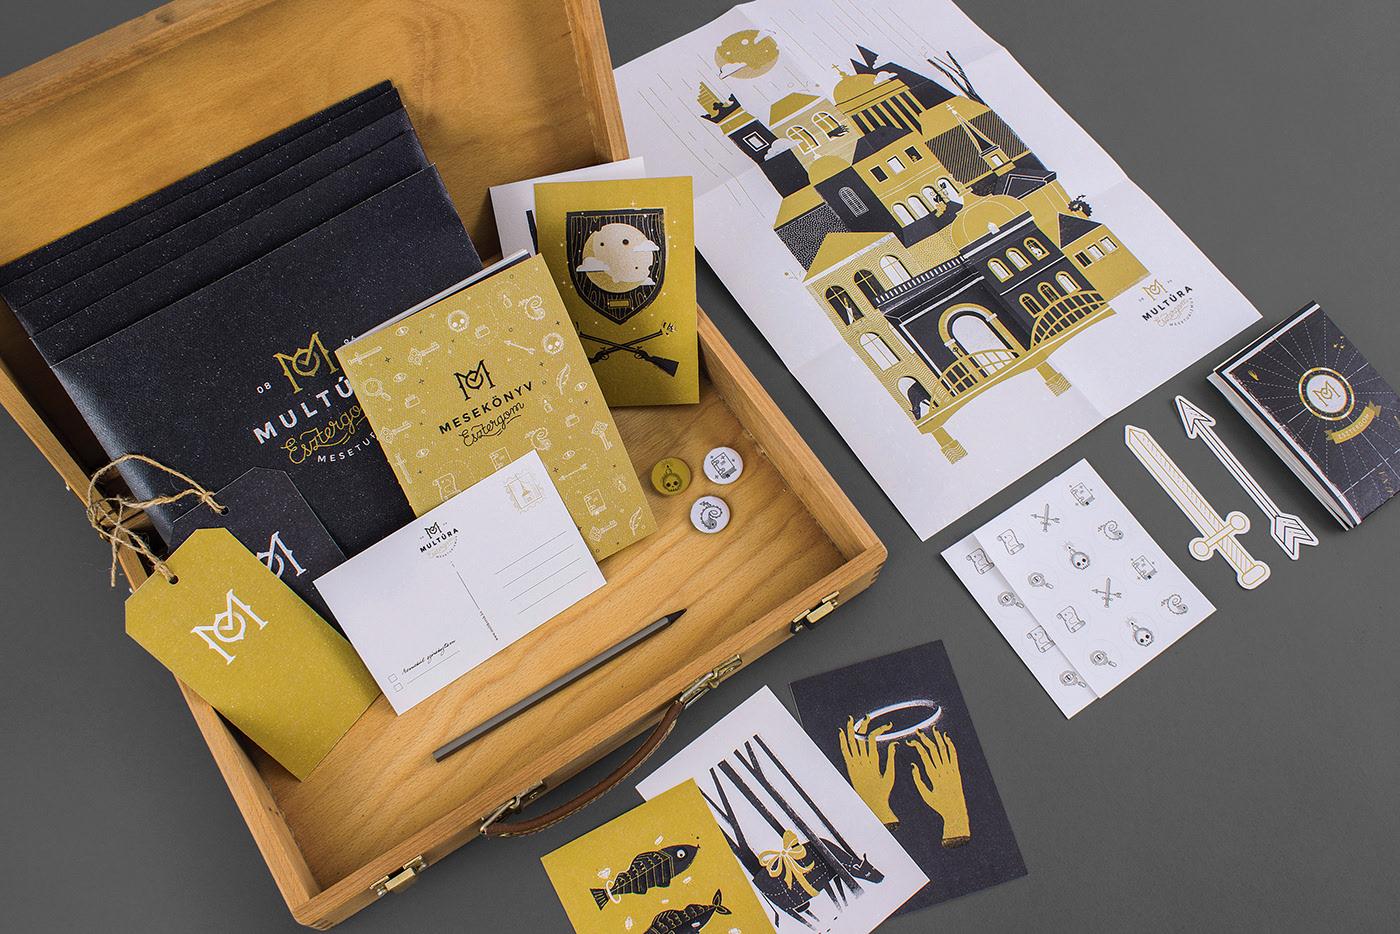 Magyar befutó a világ legrangosabb tervezőgrafikai díján